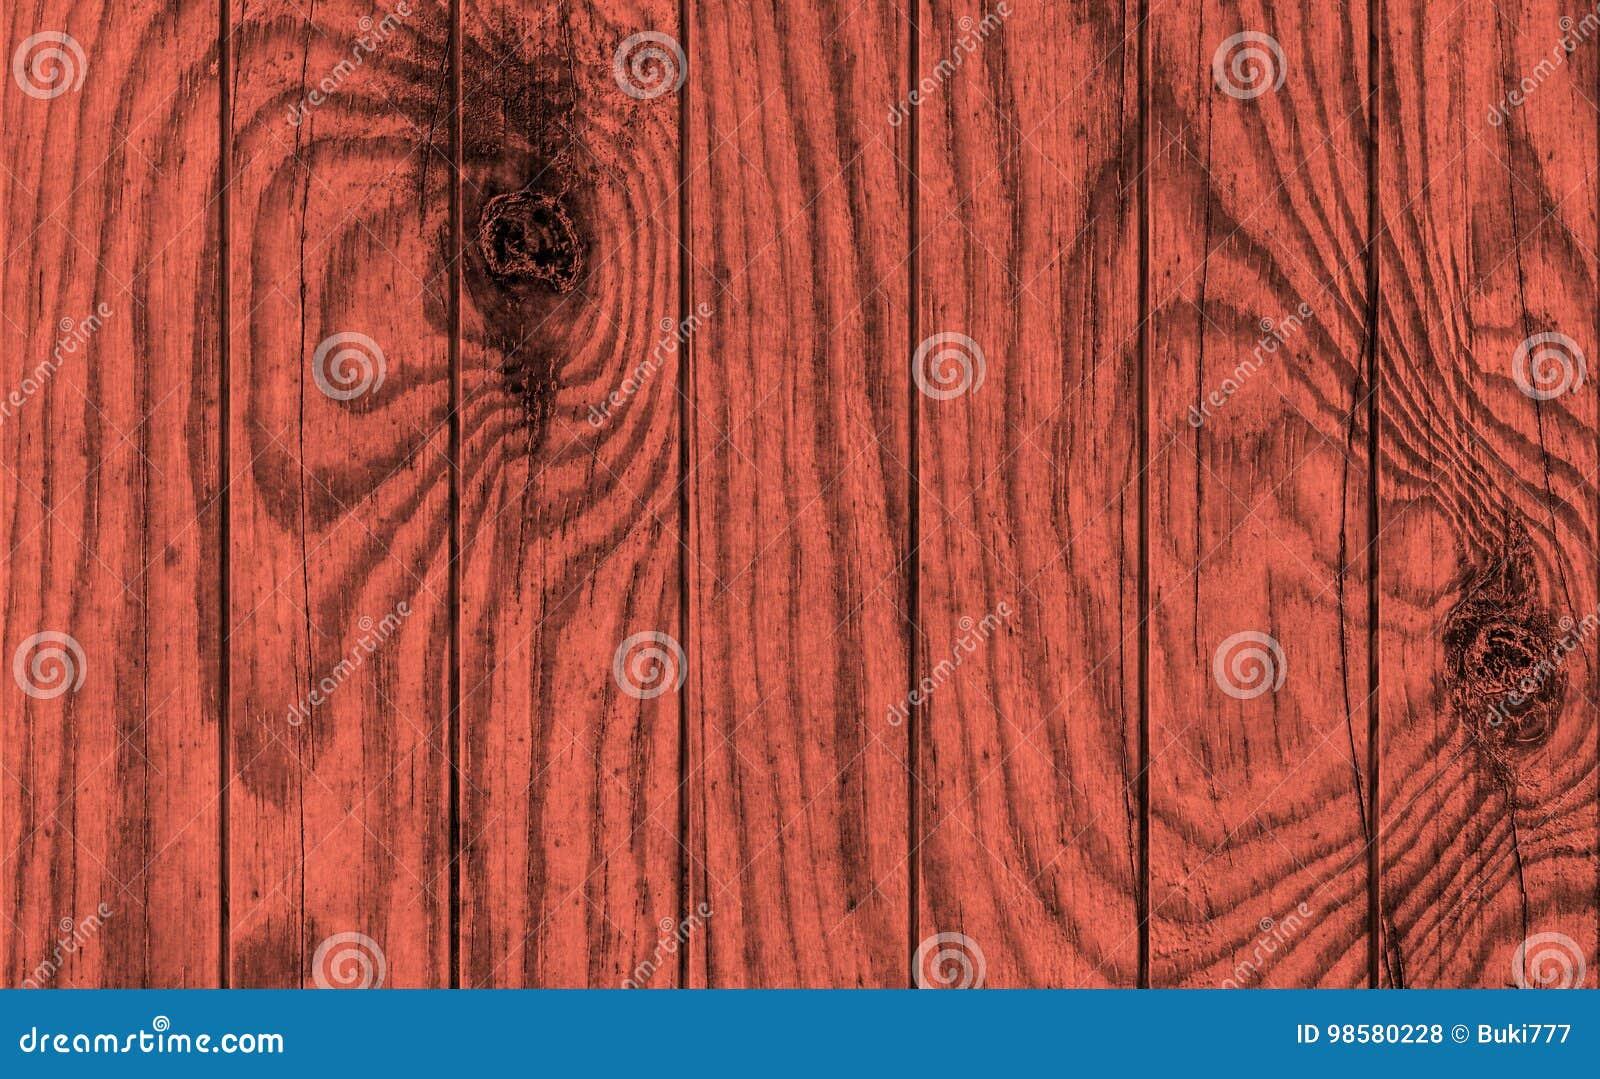 Vecchio legno di pino rosso marrone rossiccio annodato incrinato stagionato che pavimenta struttura rustica di lerciume